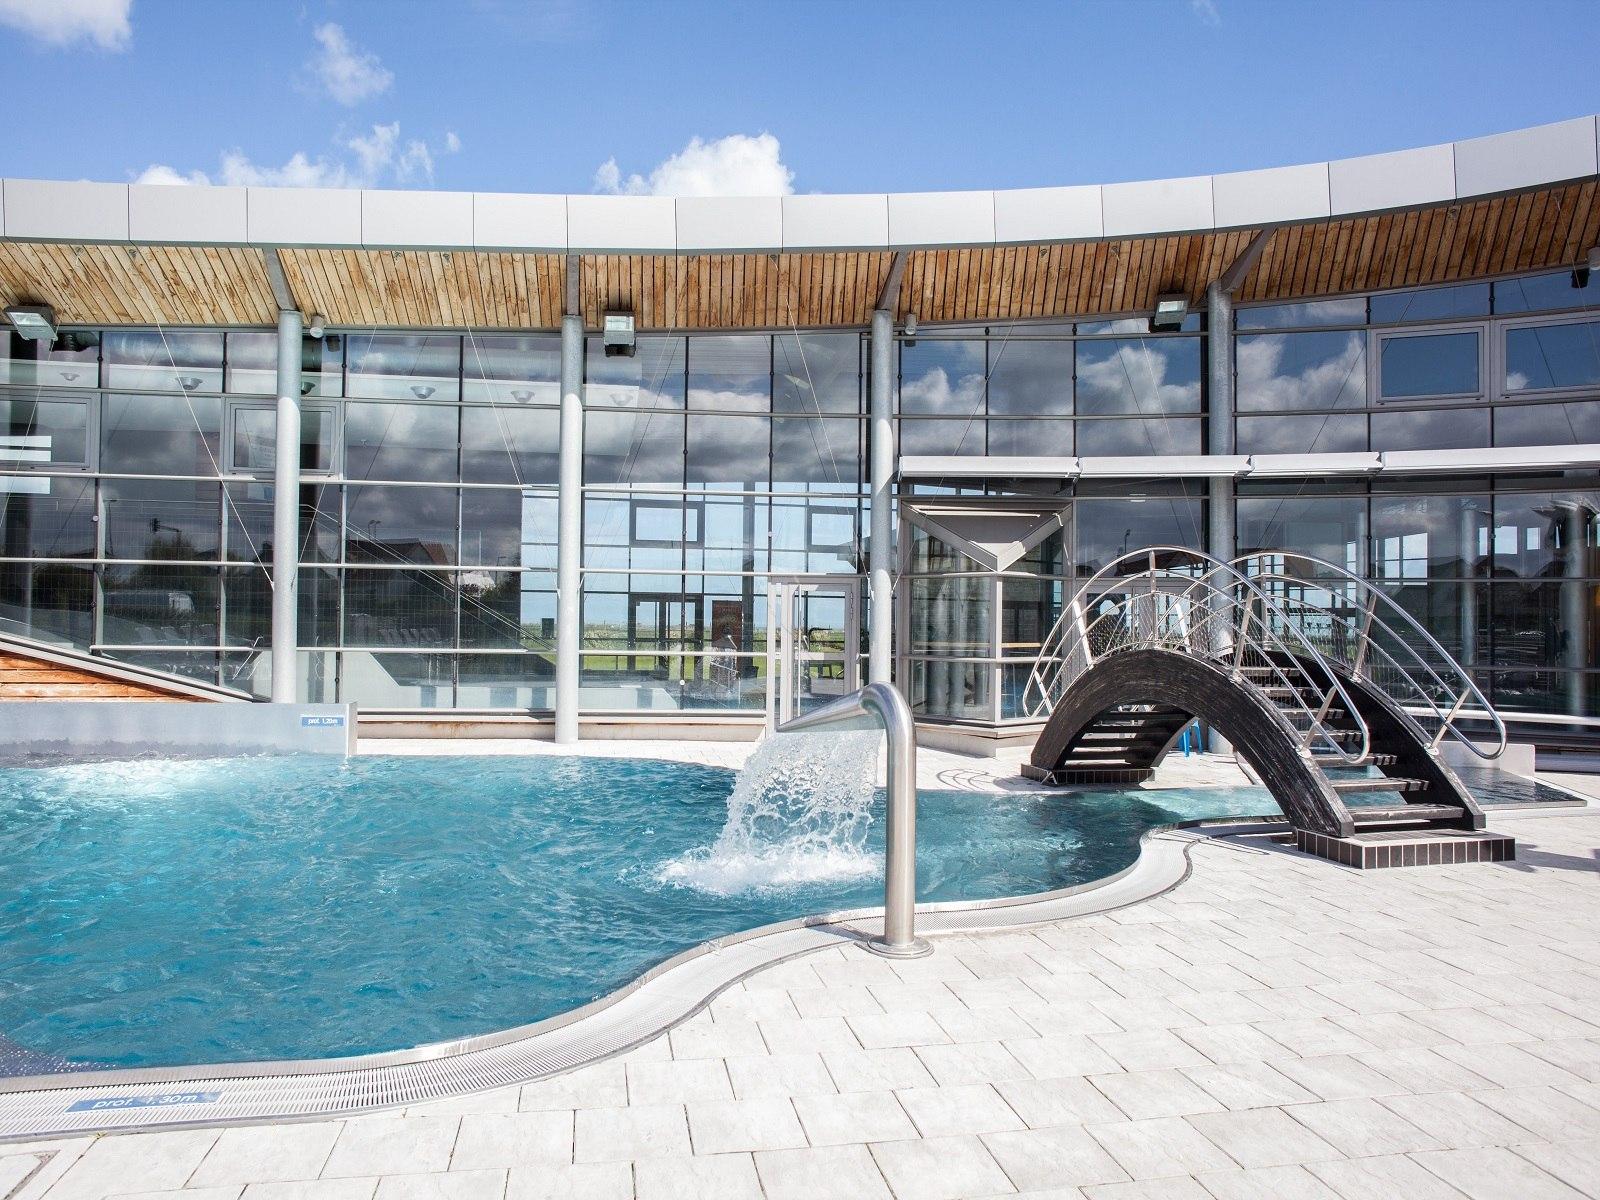 Activités - Aquanacre - Site Officiel De L'office De ... intérieur Piscine Douvres La Délivrande